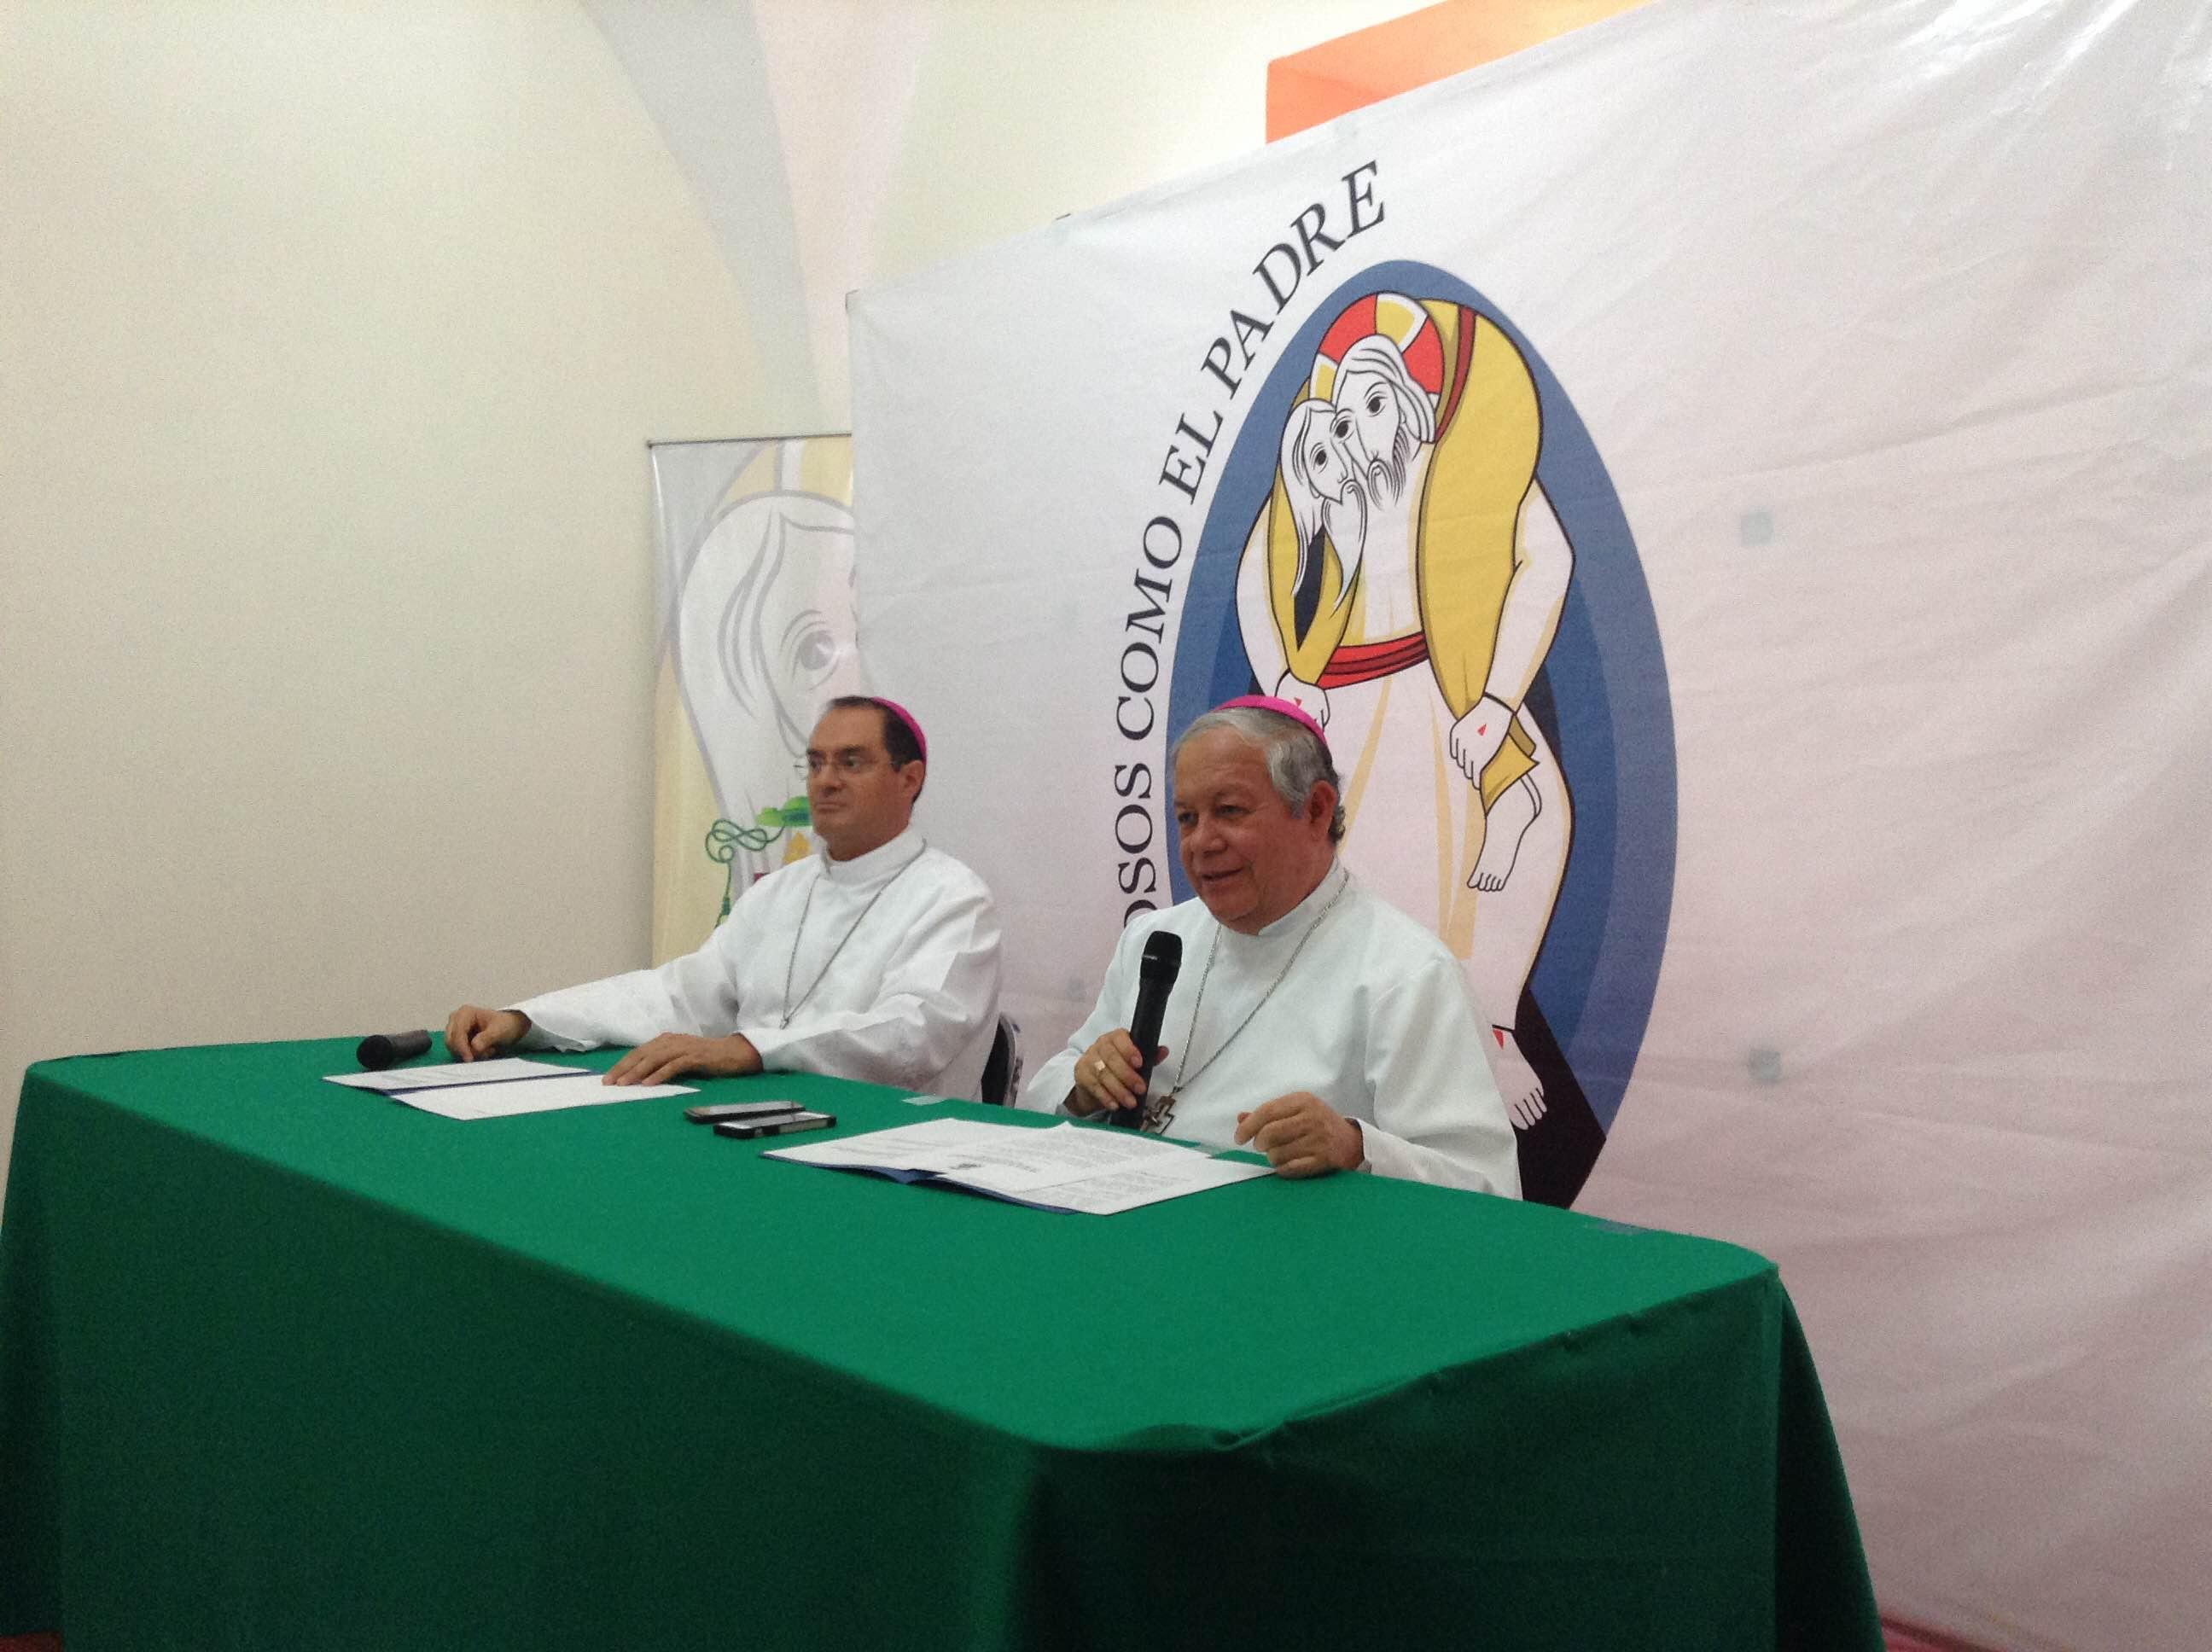 Políticos saben lo que es legal y lo que no, asevera el arzobispo de Puebla